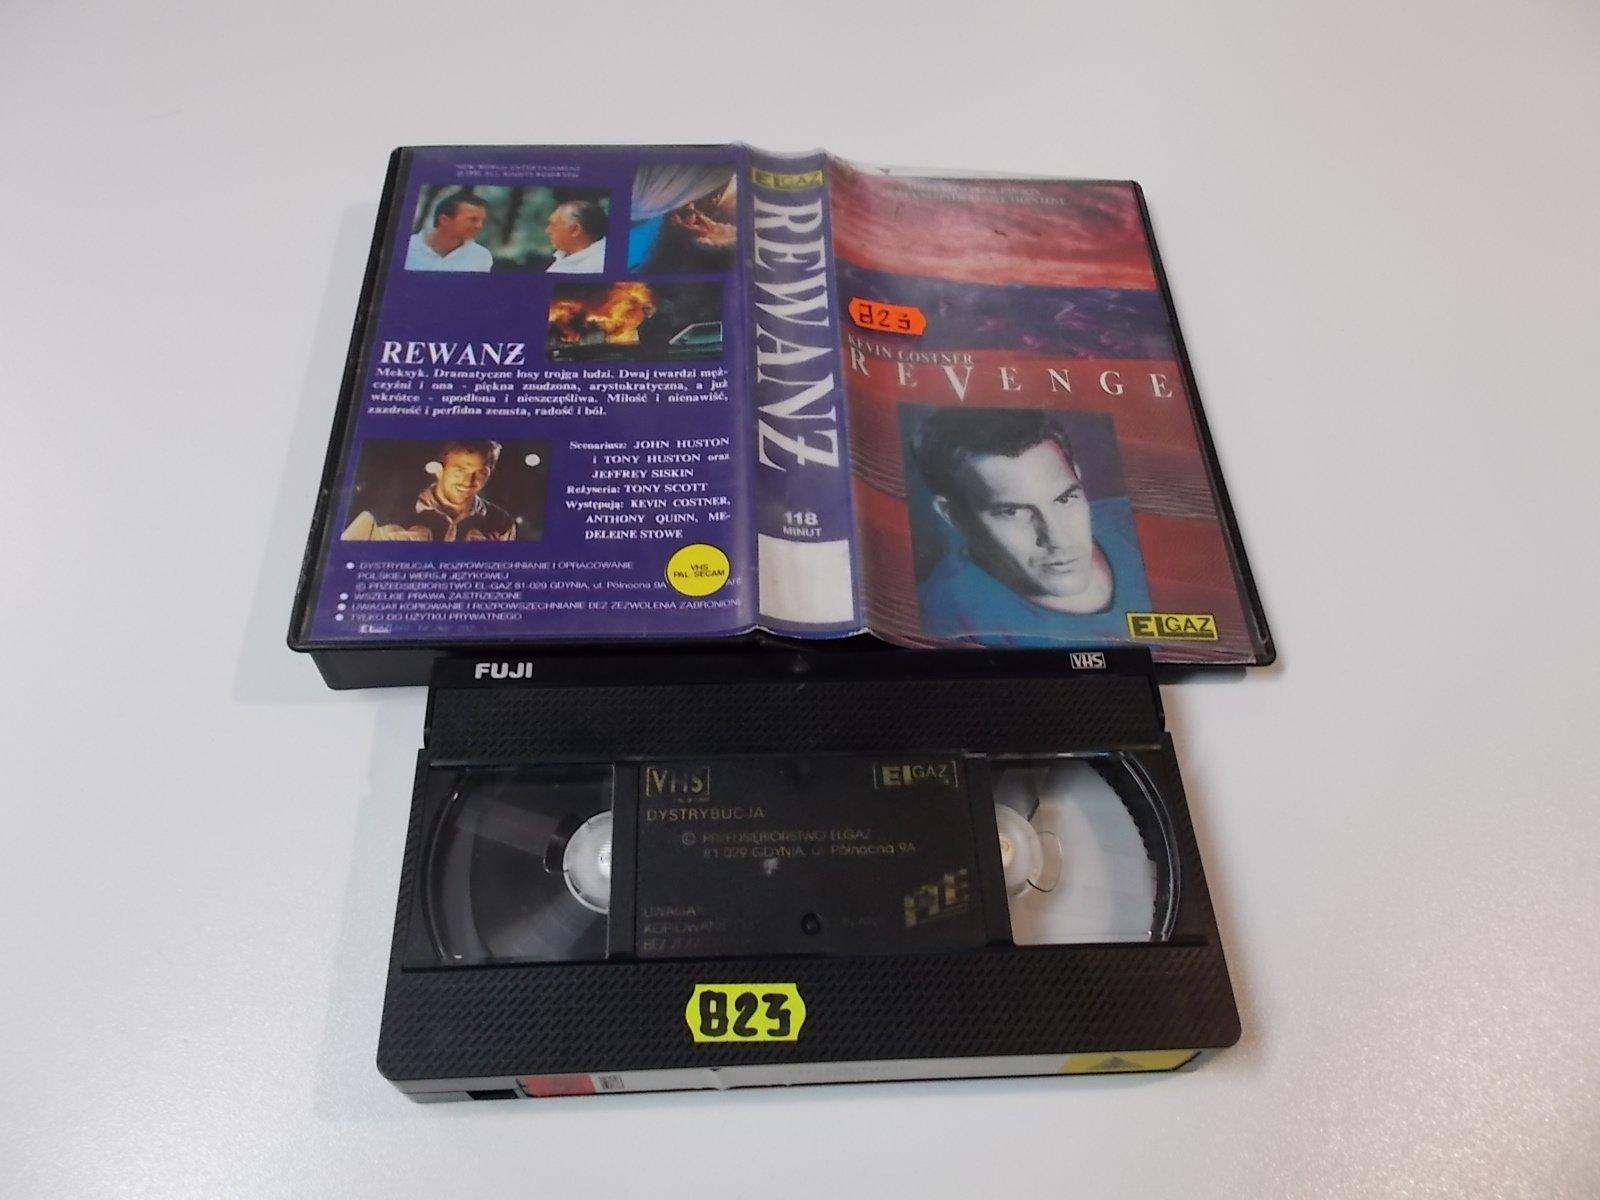 REWANŻ - VHS Kaseta Video - Opole 1650